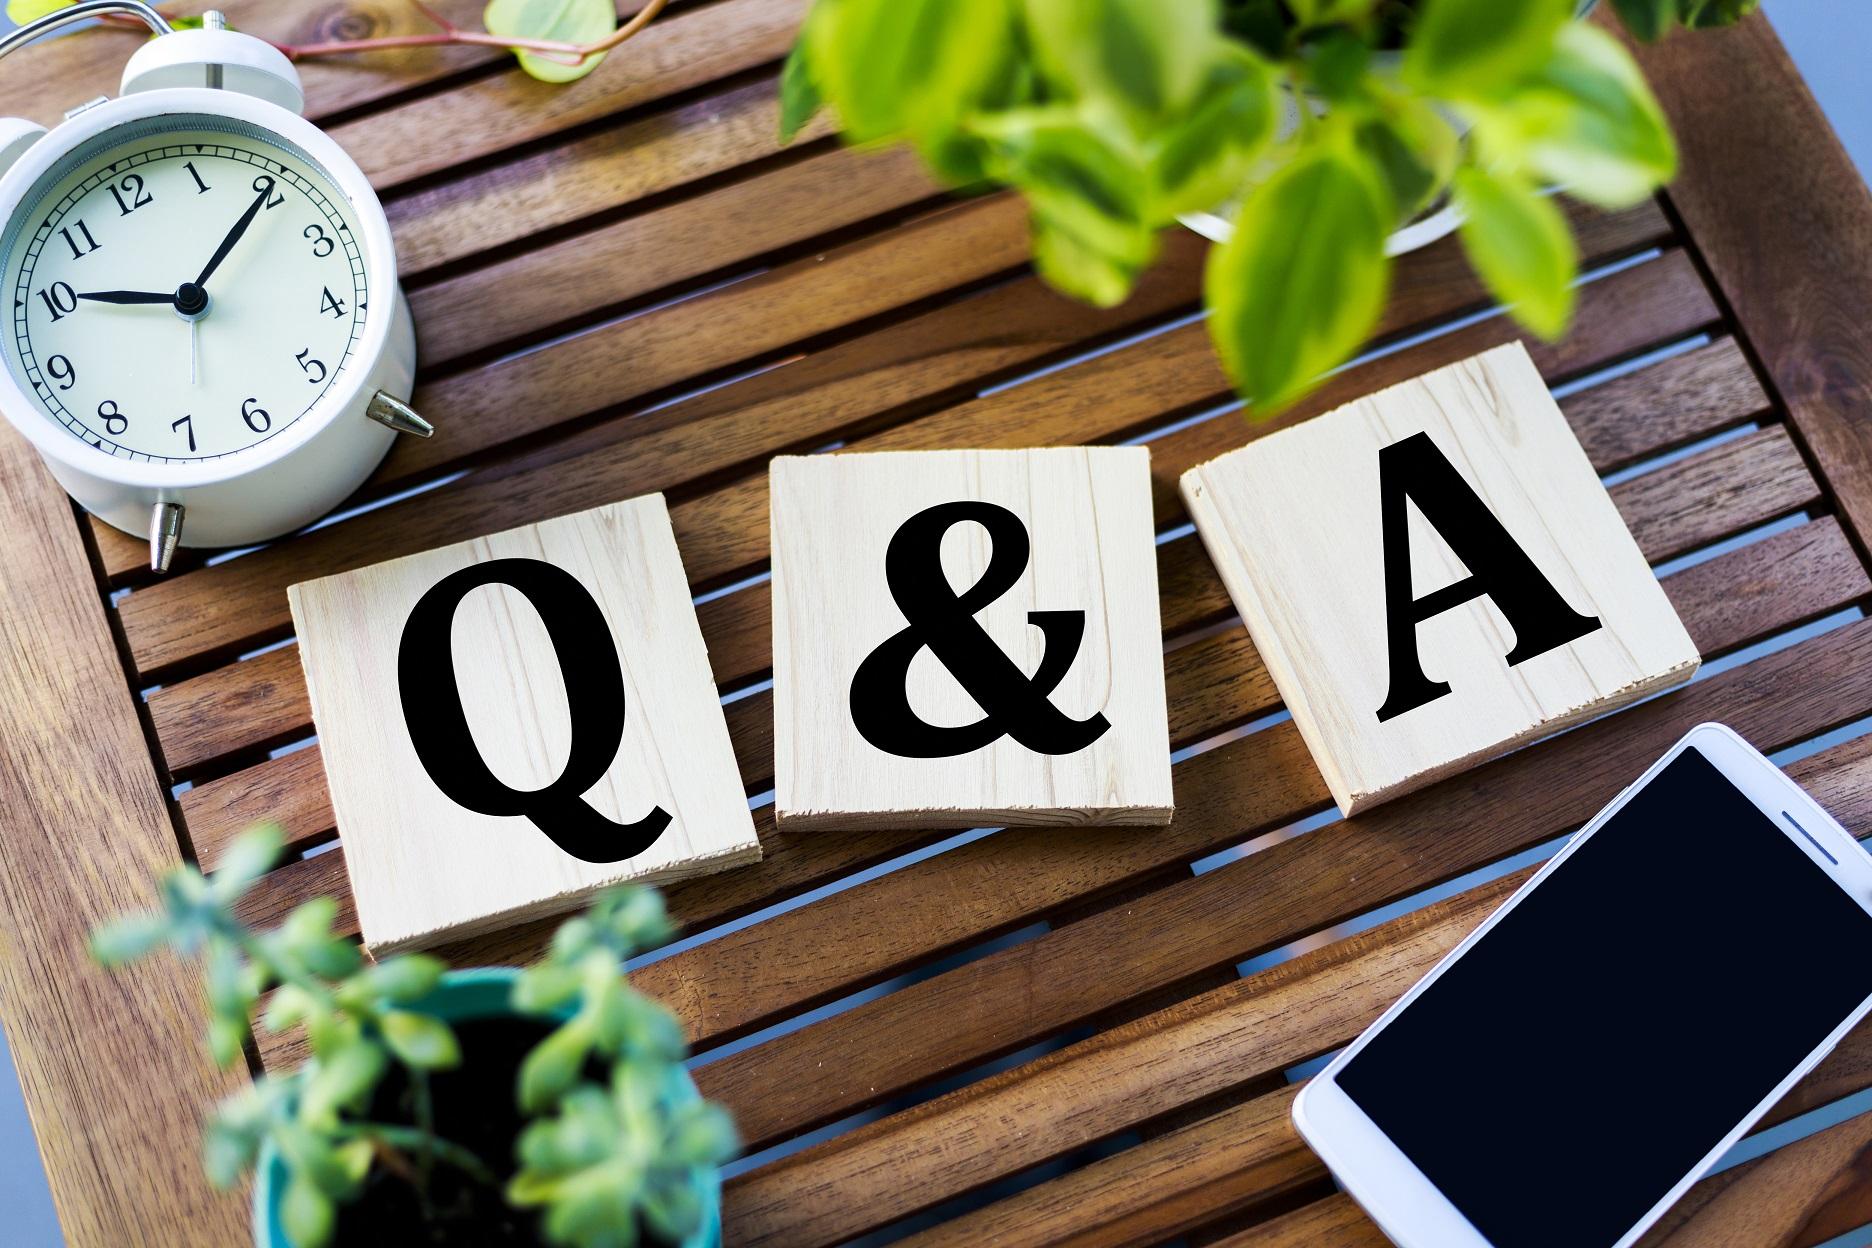 質問だけの会議で生産性を上げる方法 「質問会議」